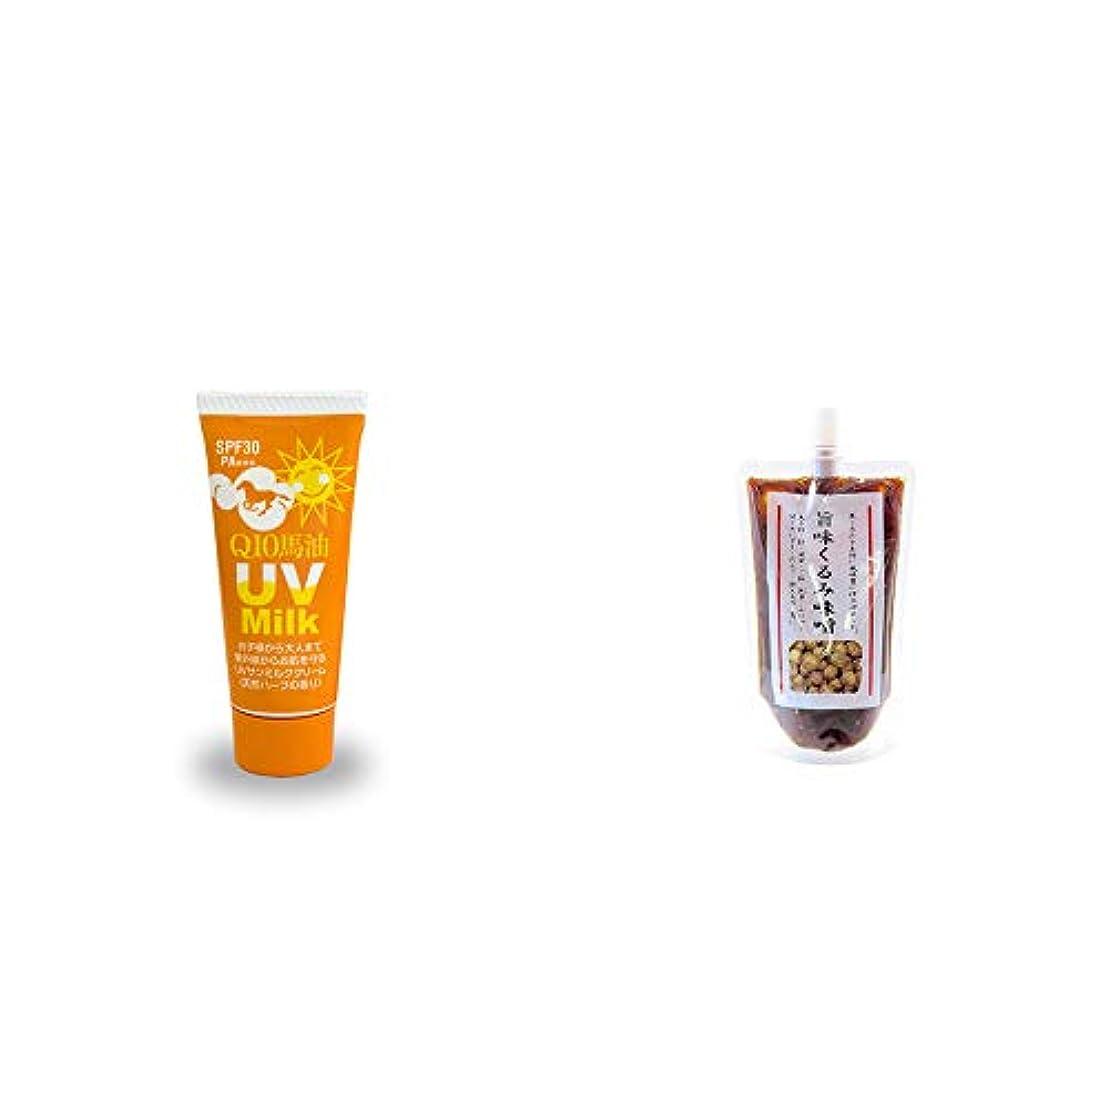 メモ許可綺麗な[2点セット] 炭黒泉 Q10馬油 UVサンミルク[天然ハーブ](40g)?旨味くるみ味噌(260g)